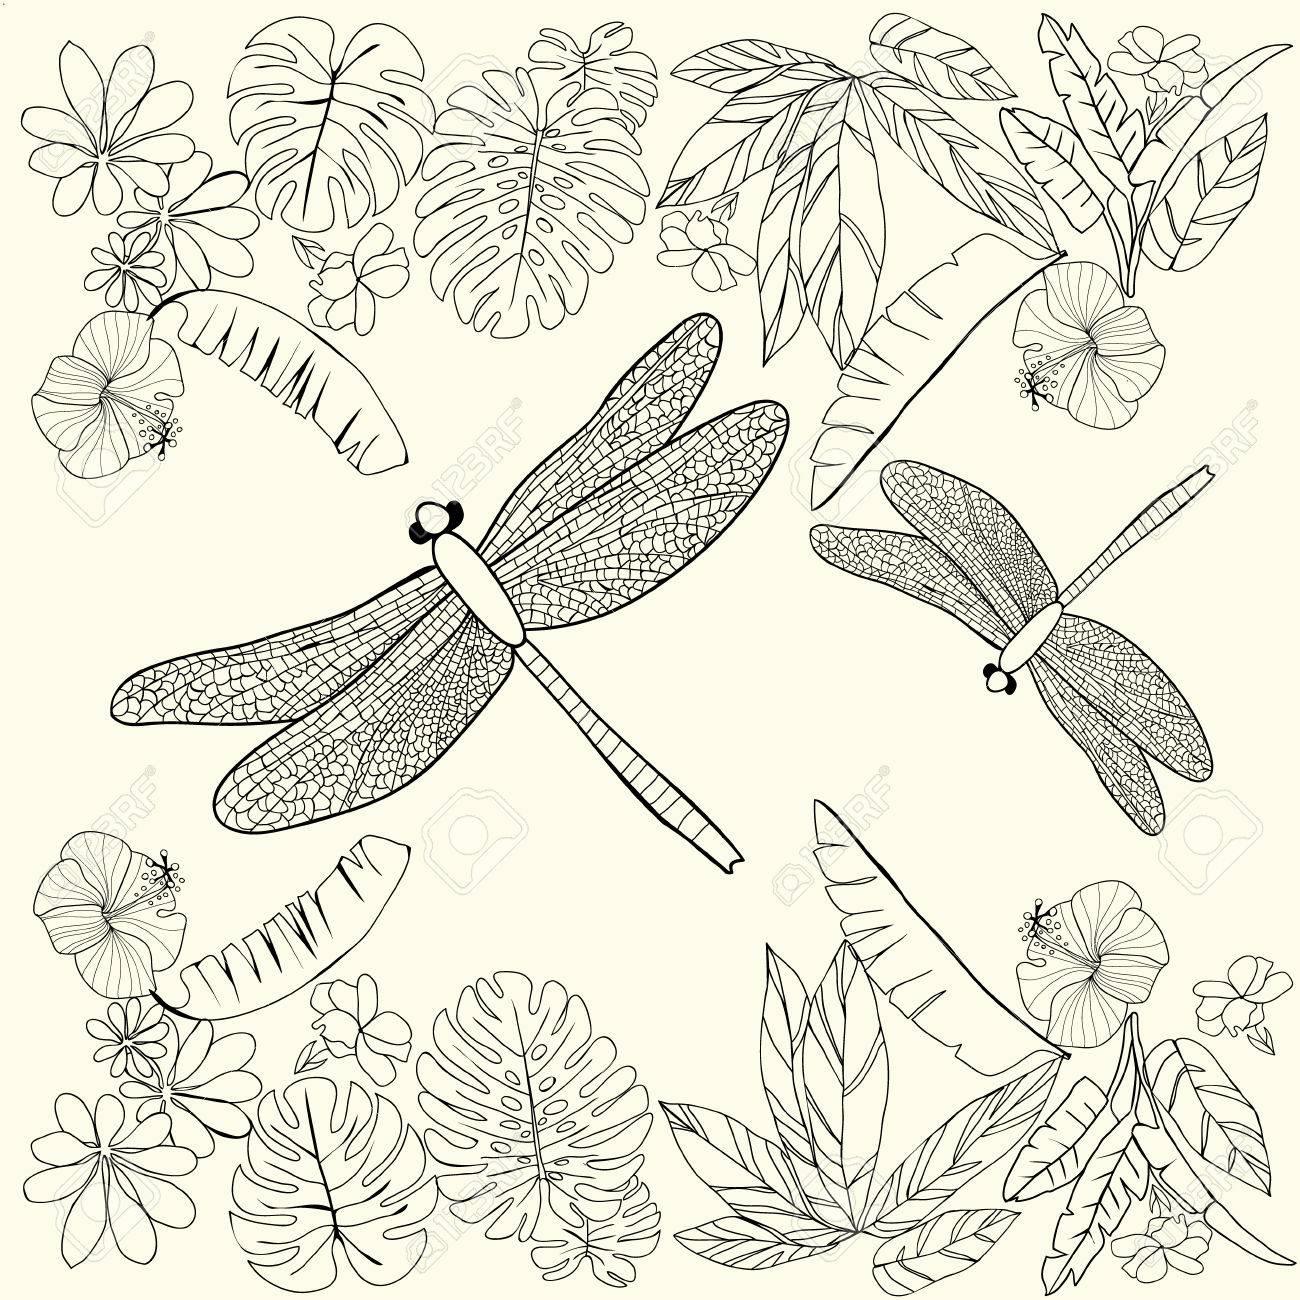 Hand Gezeichnet Tropische Blumen, Blätter Und Libellen. Malbuch Für ...